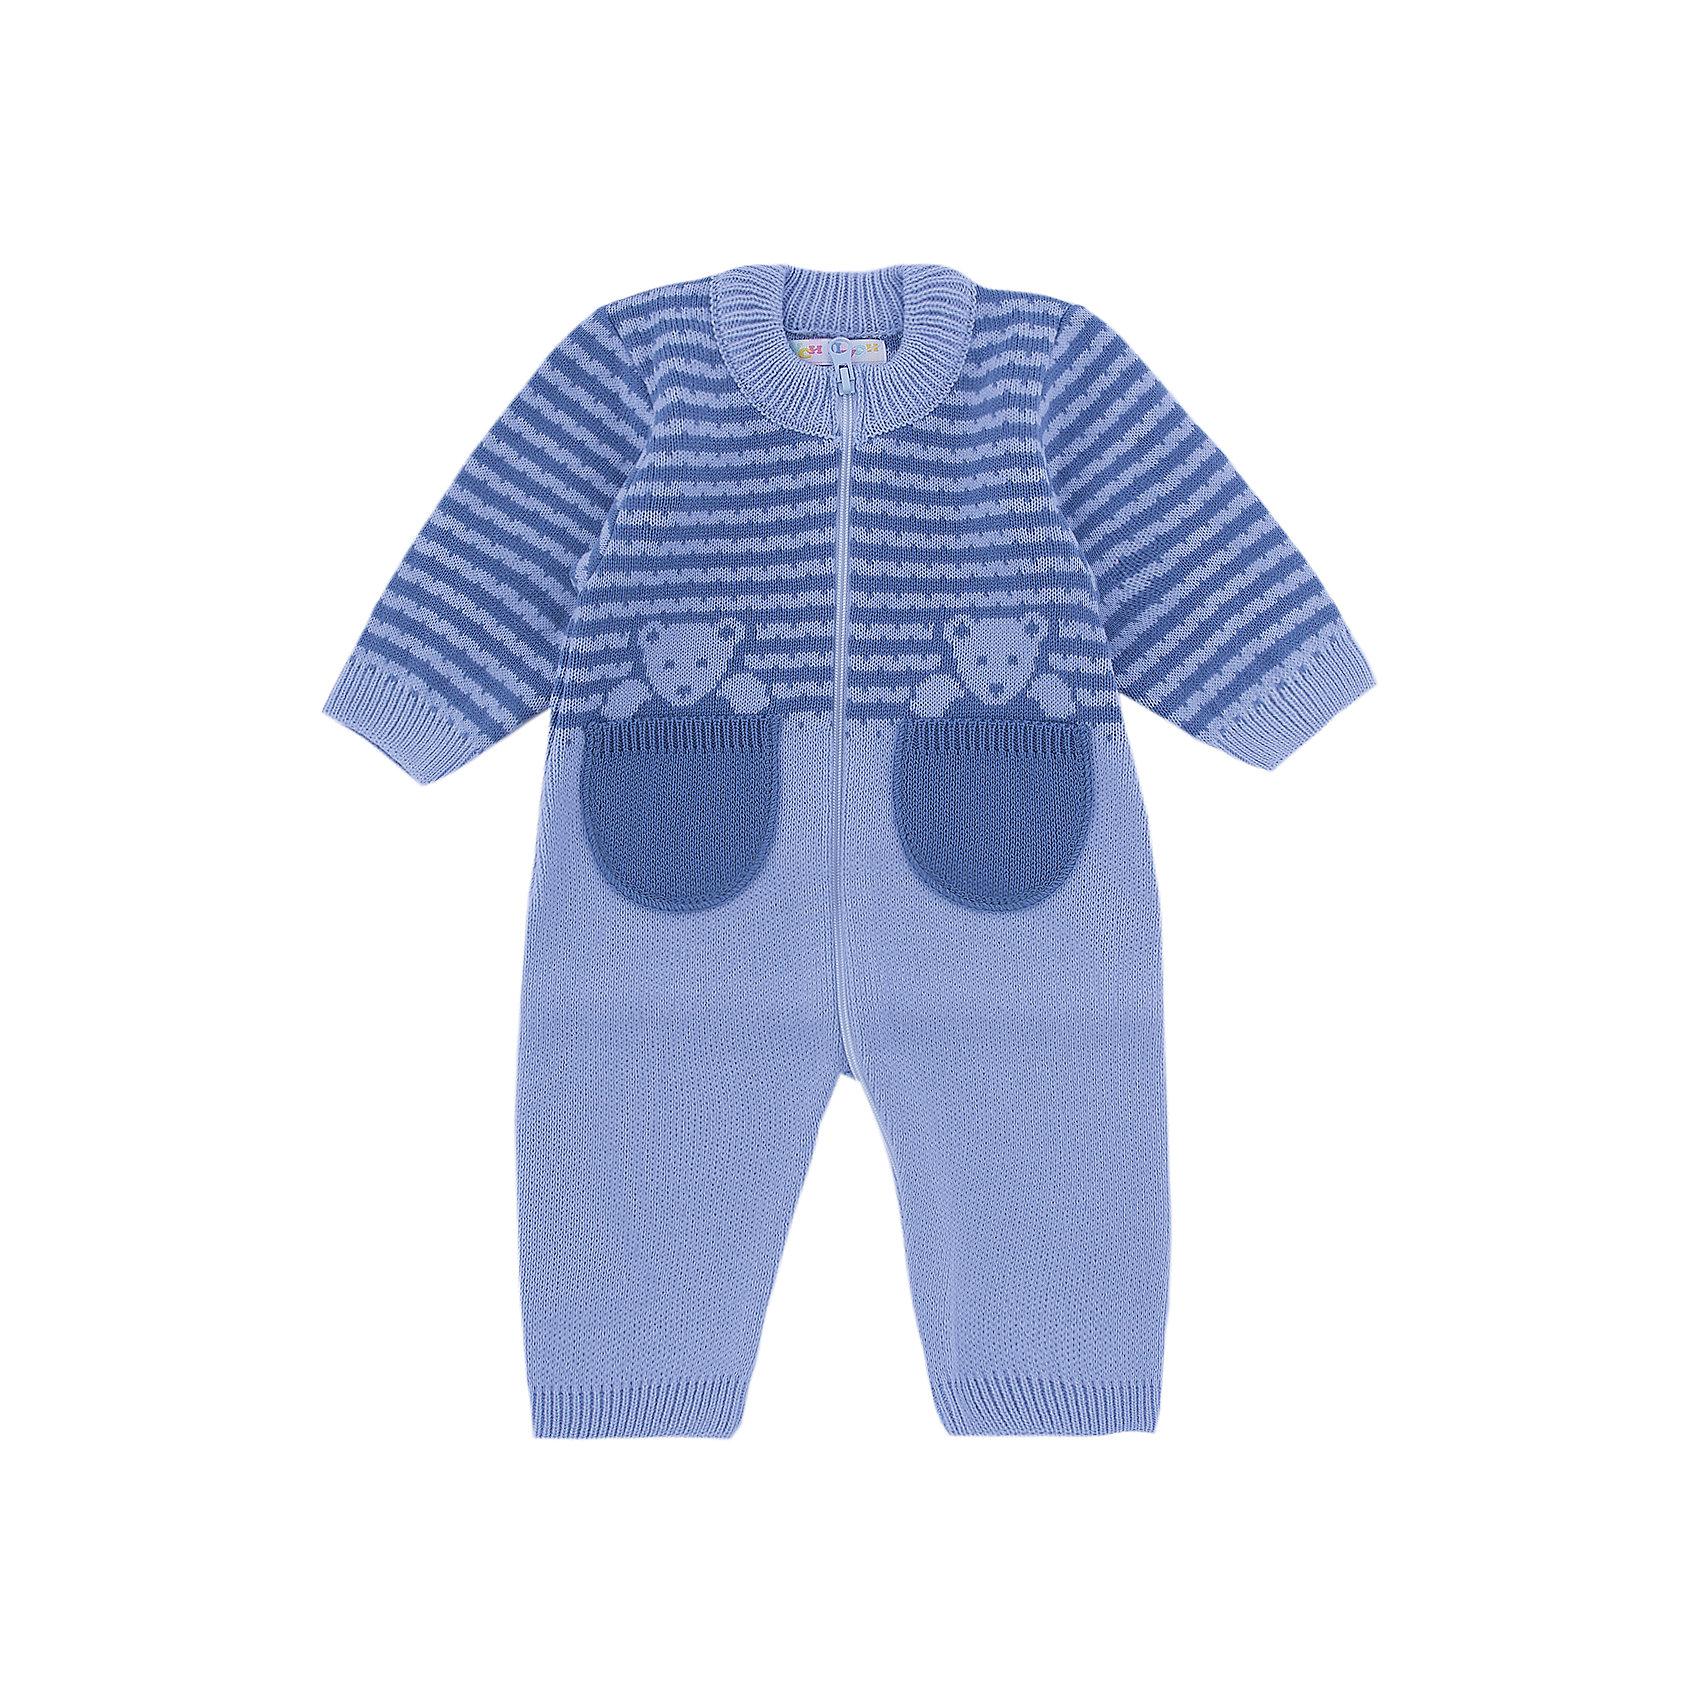 Комбинезон  Мишка в кармане Уси-Пуси для мальчикаКомбинезоны<br>Характеристики товара:<br><br>• цвет: голубой;<br>• ткань: вязаная;<br>• пол: мальчик;<br>• состав ткани: 50% шерсть, 50% пан;<br>• вид застежки: на молнии;<br>• особенности модели: вязаная, с рисунком;<br>• сезон: демисезон;<br>• страна бренда: Россия;<br>• страна изготовитель: Россия.<br><br>Вязаный комбинезон «Мишка в кармане» выполнен из мягкой пряжи. Комбинезон с открытыми ручками и ножками. Молния по всей длине комбинезонапозволит легко одеть ребенка на прогулку.<br><br>Два карманчика, из которых выглядывают медвежатки, делают модель необычной. Комбинезон подойдет для любого времени года: его можно носить как летом, так и зимой.<br><br>Комбинезон  «Мишка в кармане» Уси-Пуси для мальчика можно купить в нашем интернет-магазине.<br><br>Ширина мм: 157<br>Глубина мм: 13<br>Высота мм: 119<br>Вес г: 200<br>Цвет: голубой<br>Возраст от месяцев: 12<br>Возраст до месяцев: 15<br>Пол: Мужской<br>Возраст: Детский<br>Размер: 74/80,62/68,50/56,56/62,68/74<br>SKU: 7029799